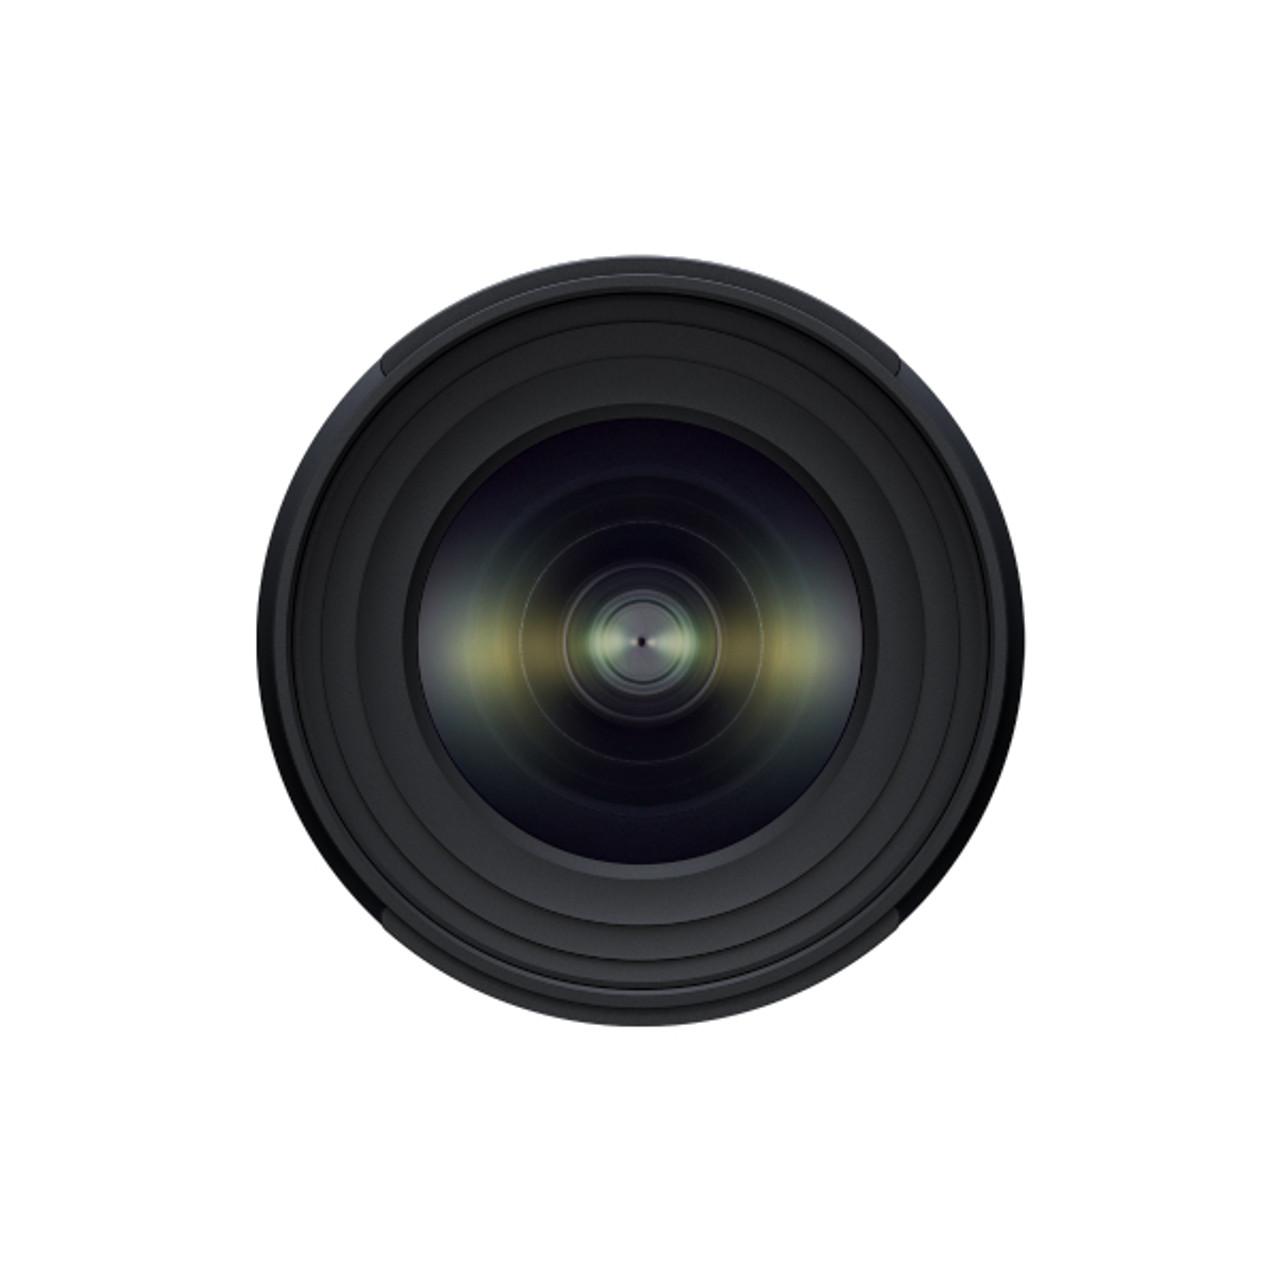 Tamron 11-20mm F2.8 Di III-A RXD E-Mount